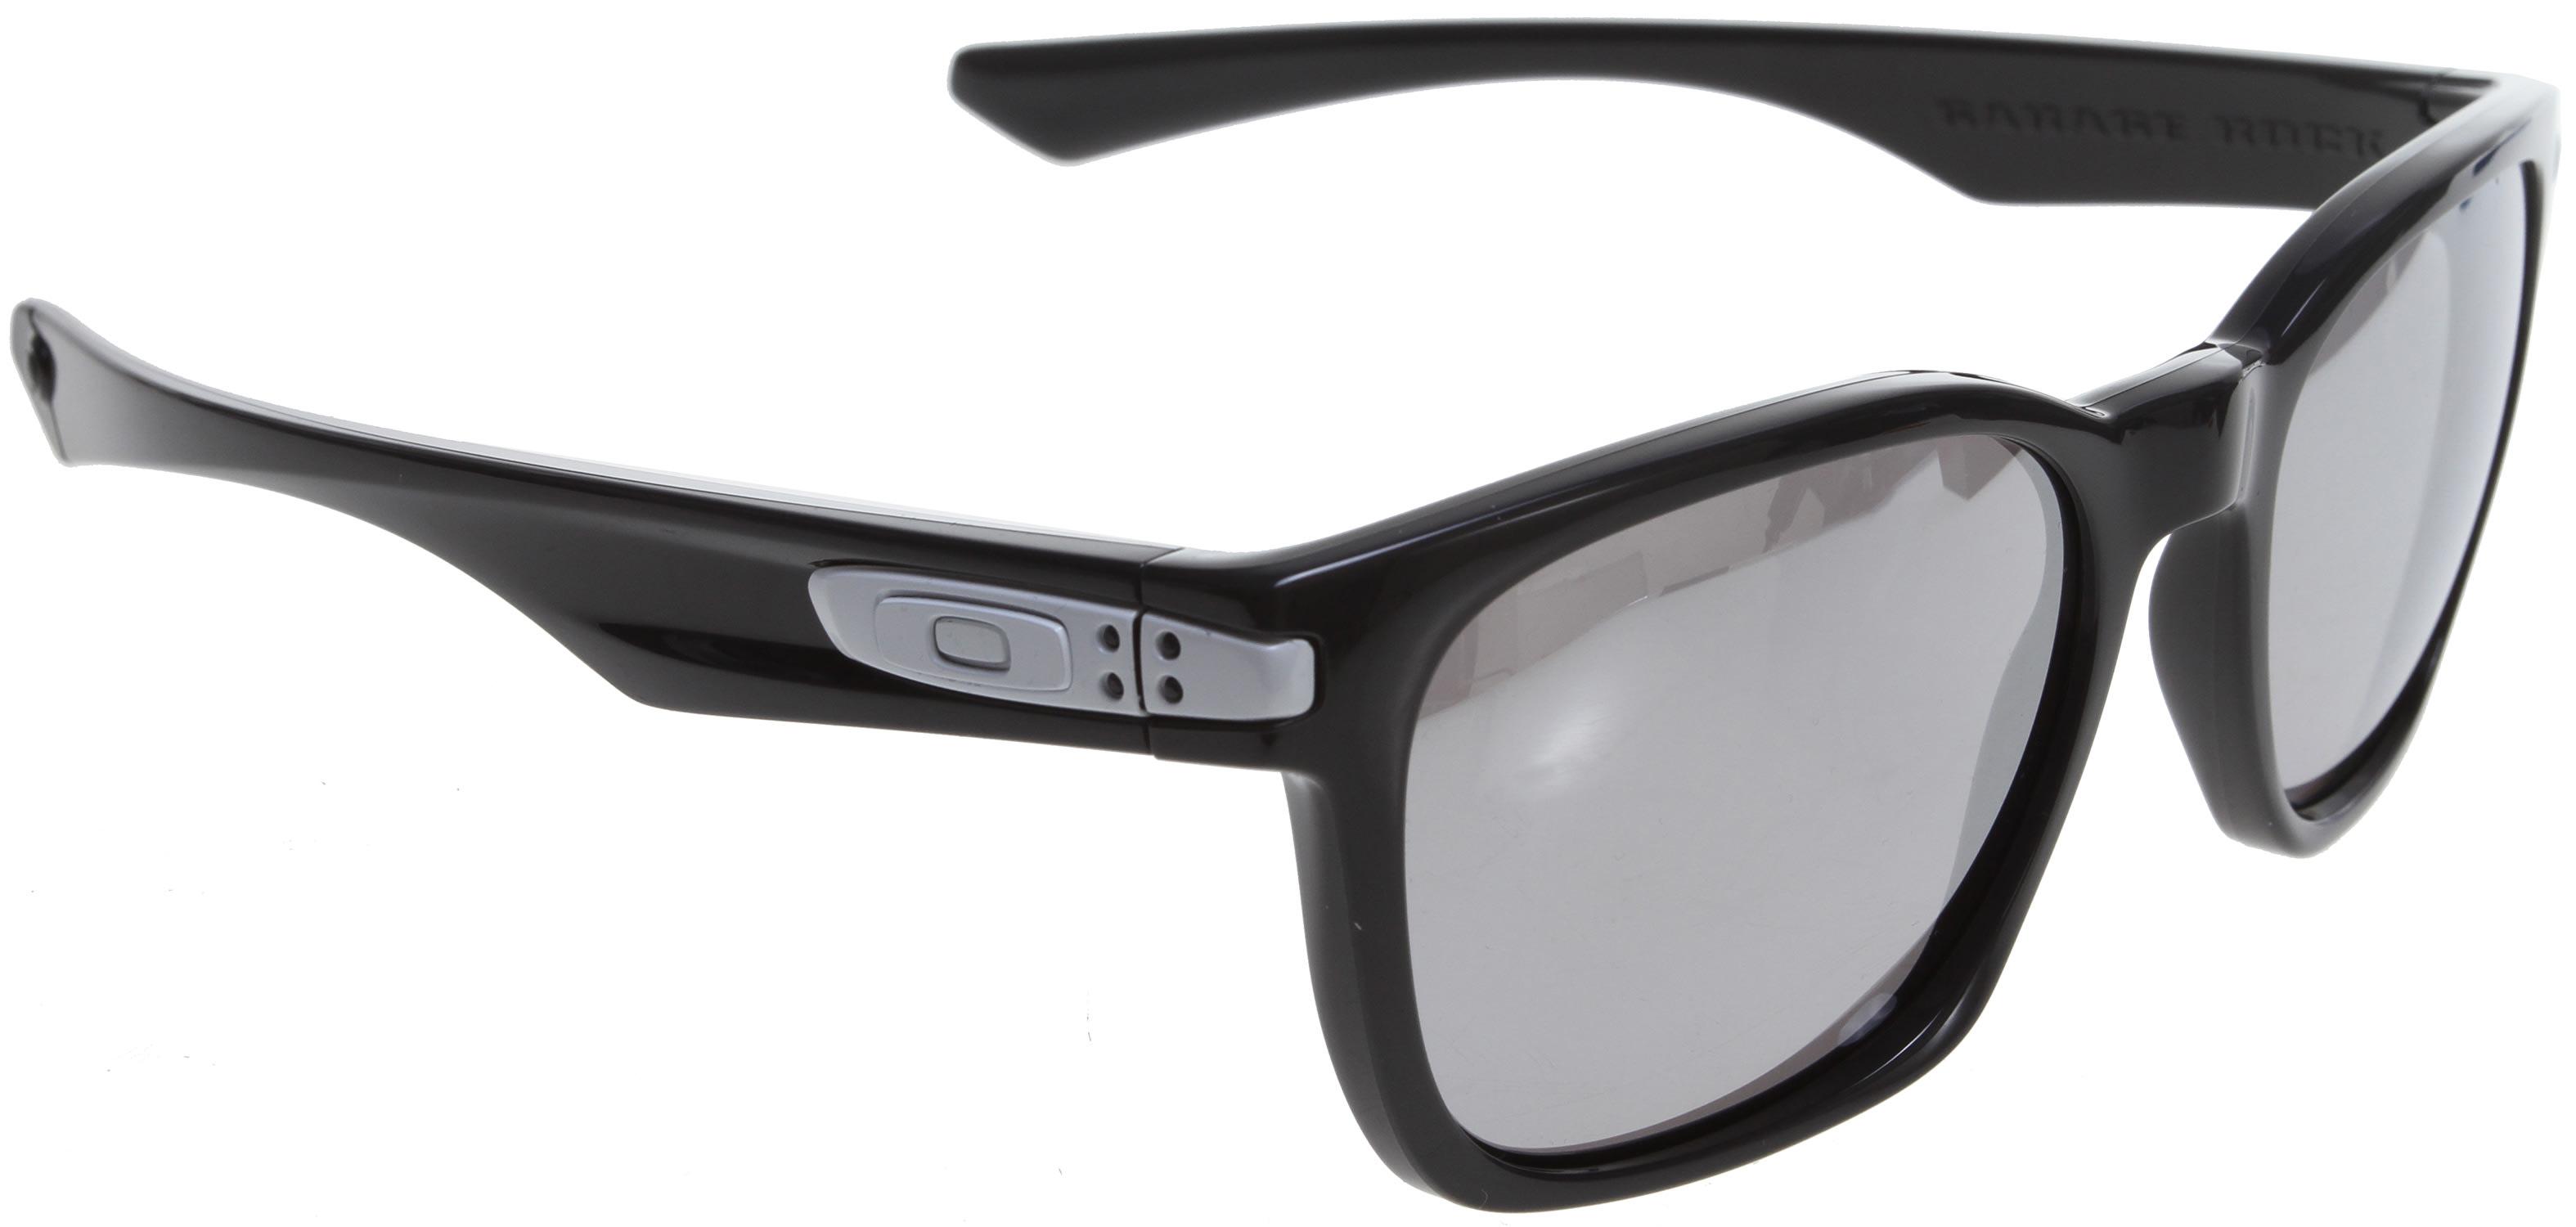 97e6475646 Oakley Garage Rock Sunglasses Review « Heritage Malta